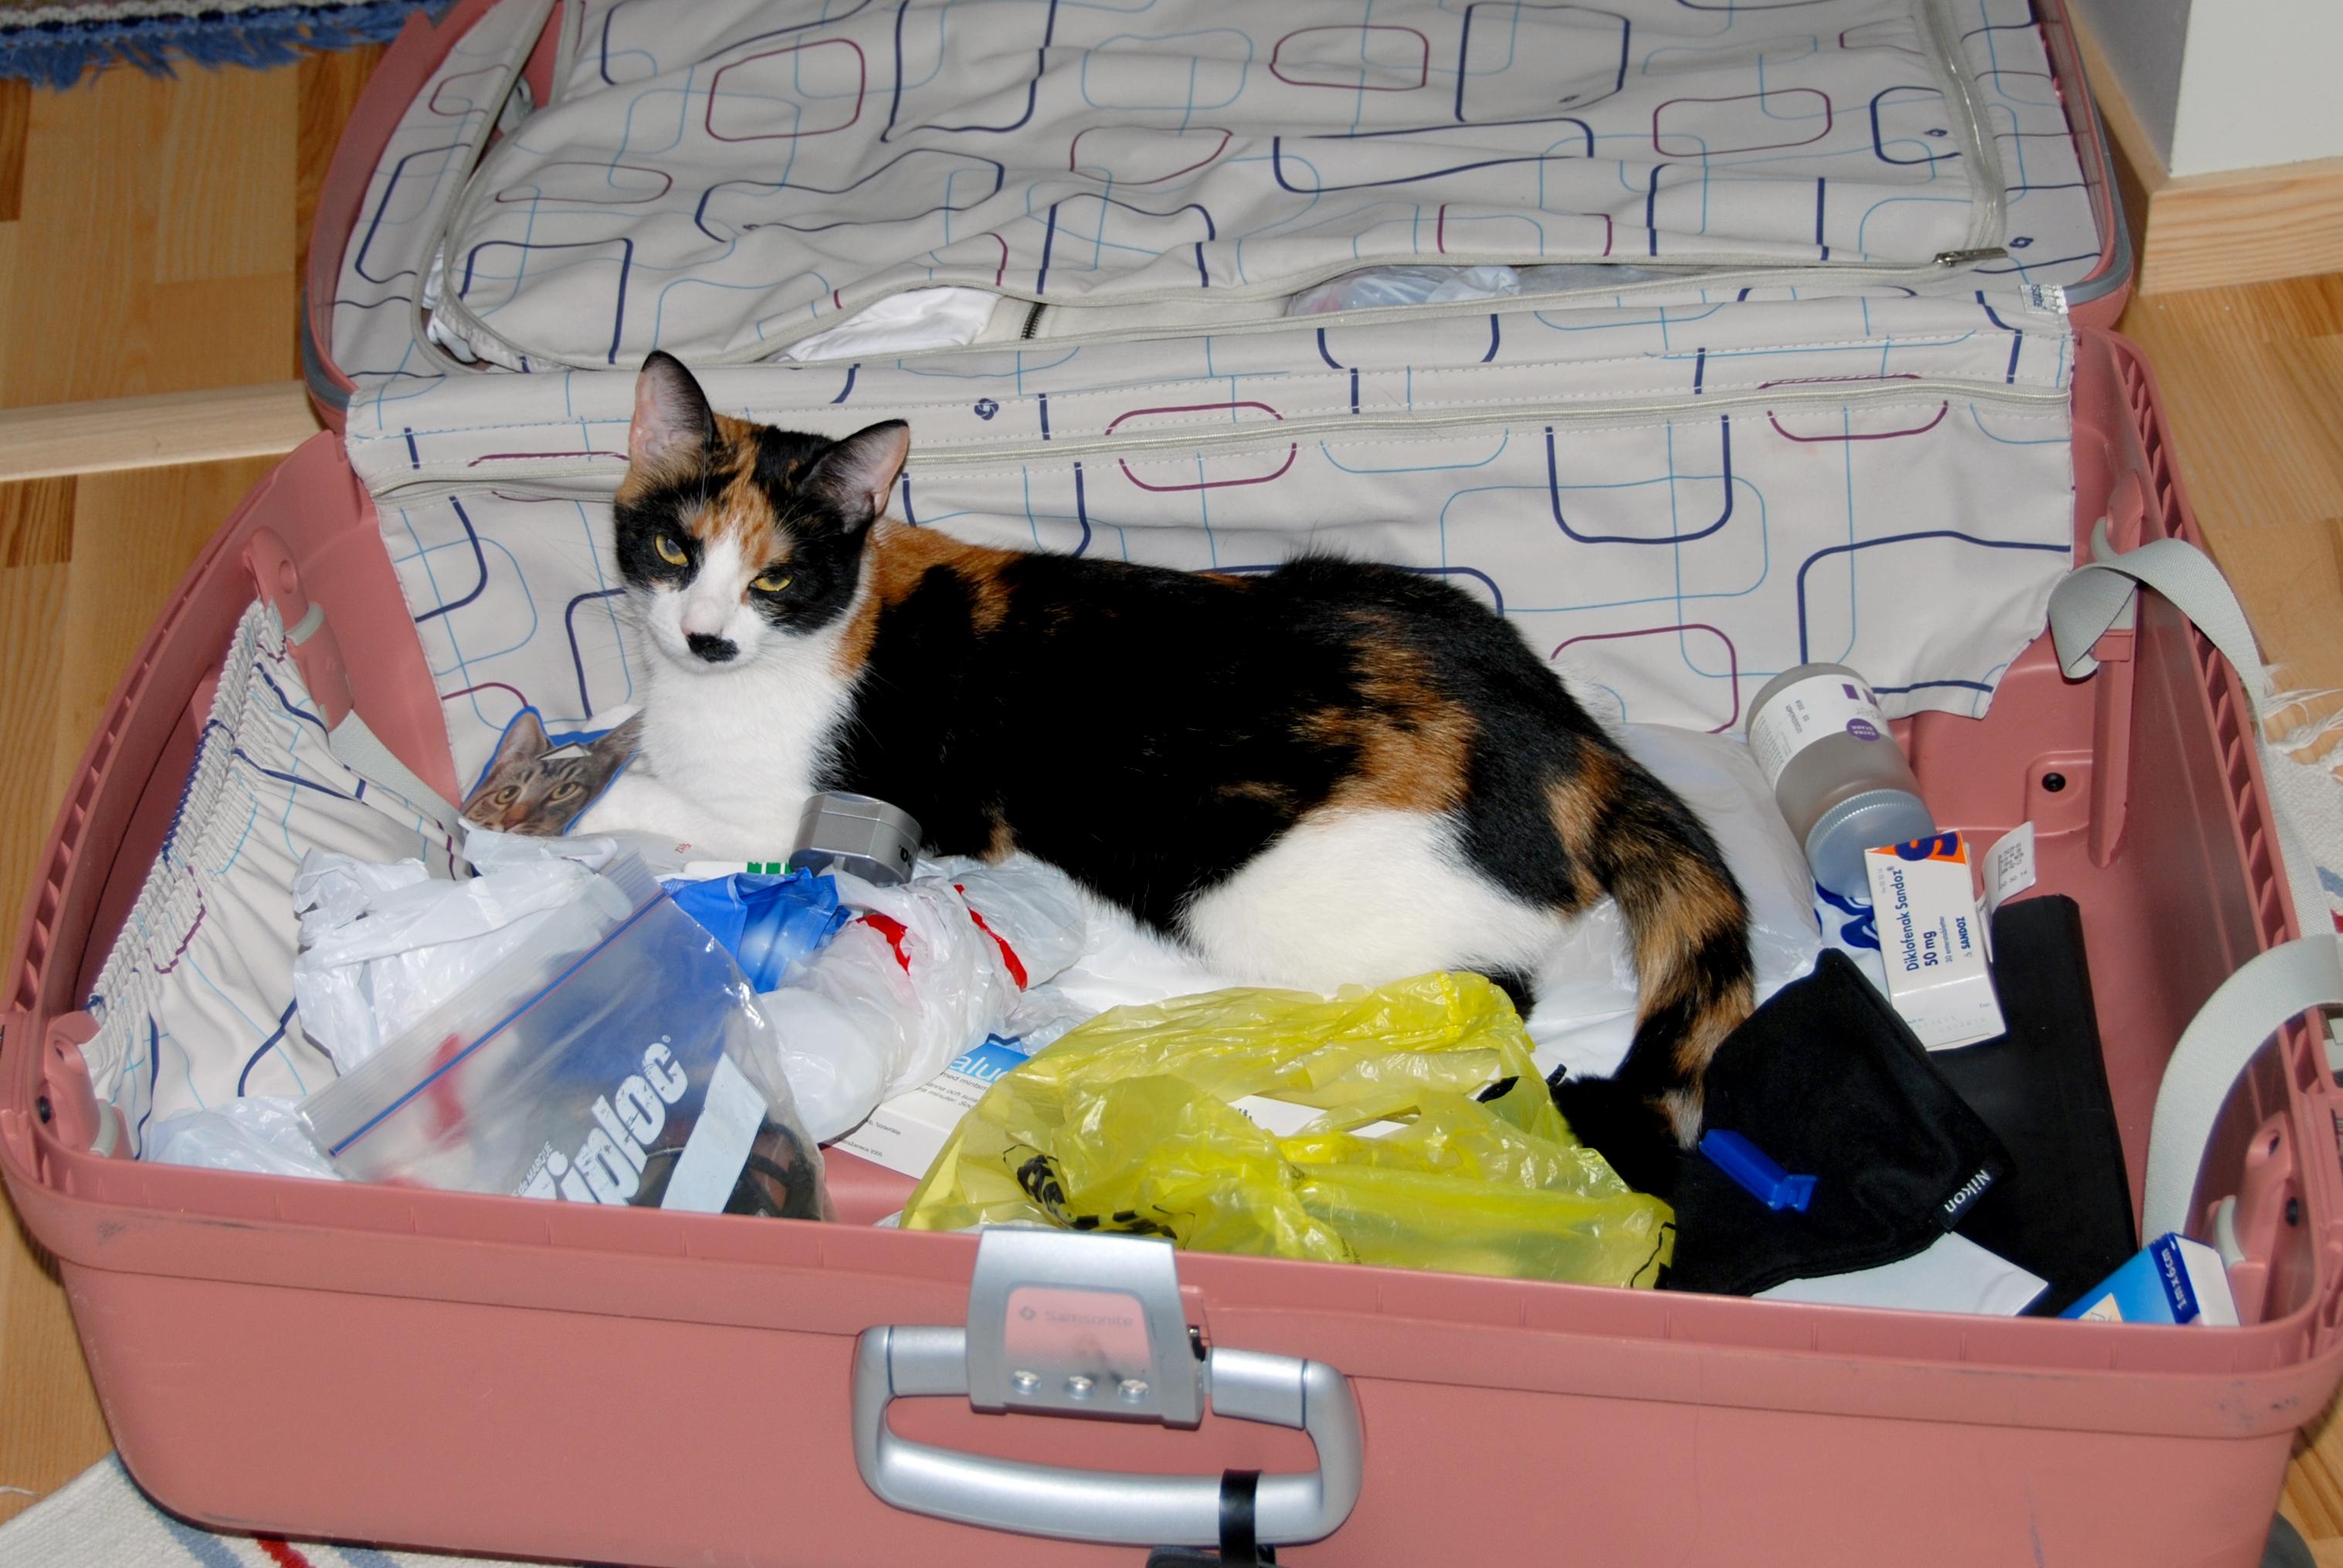 Att resa bort när man har katt